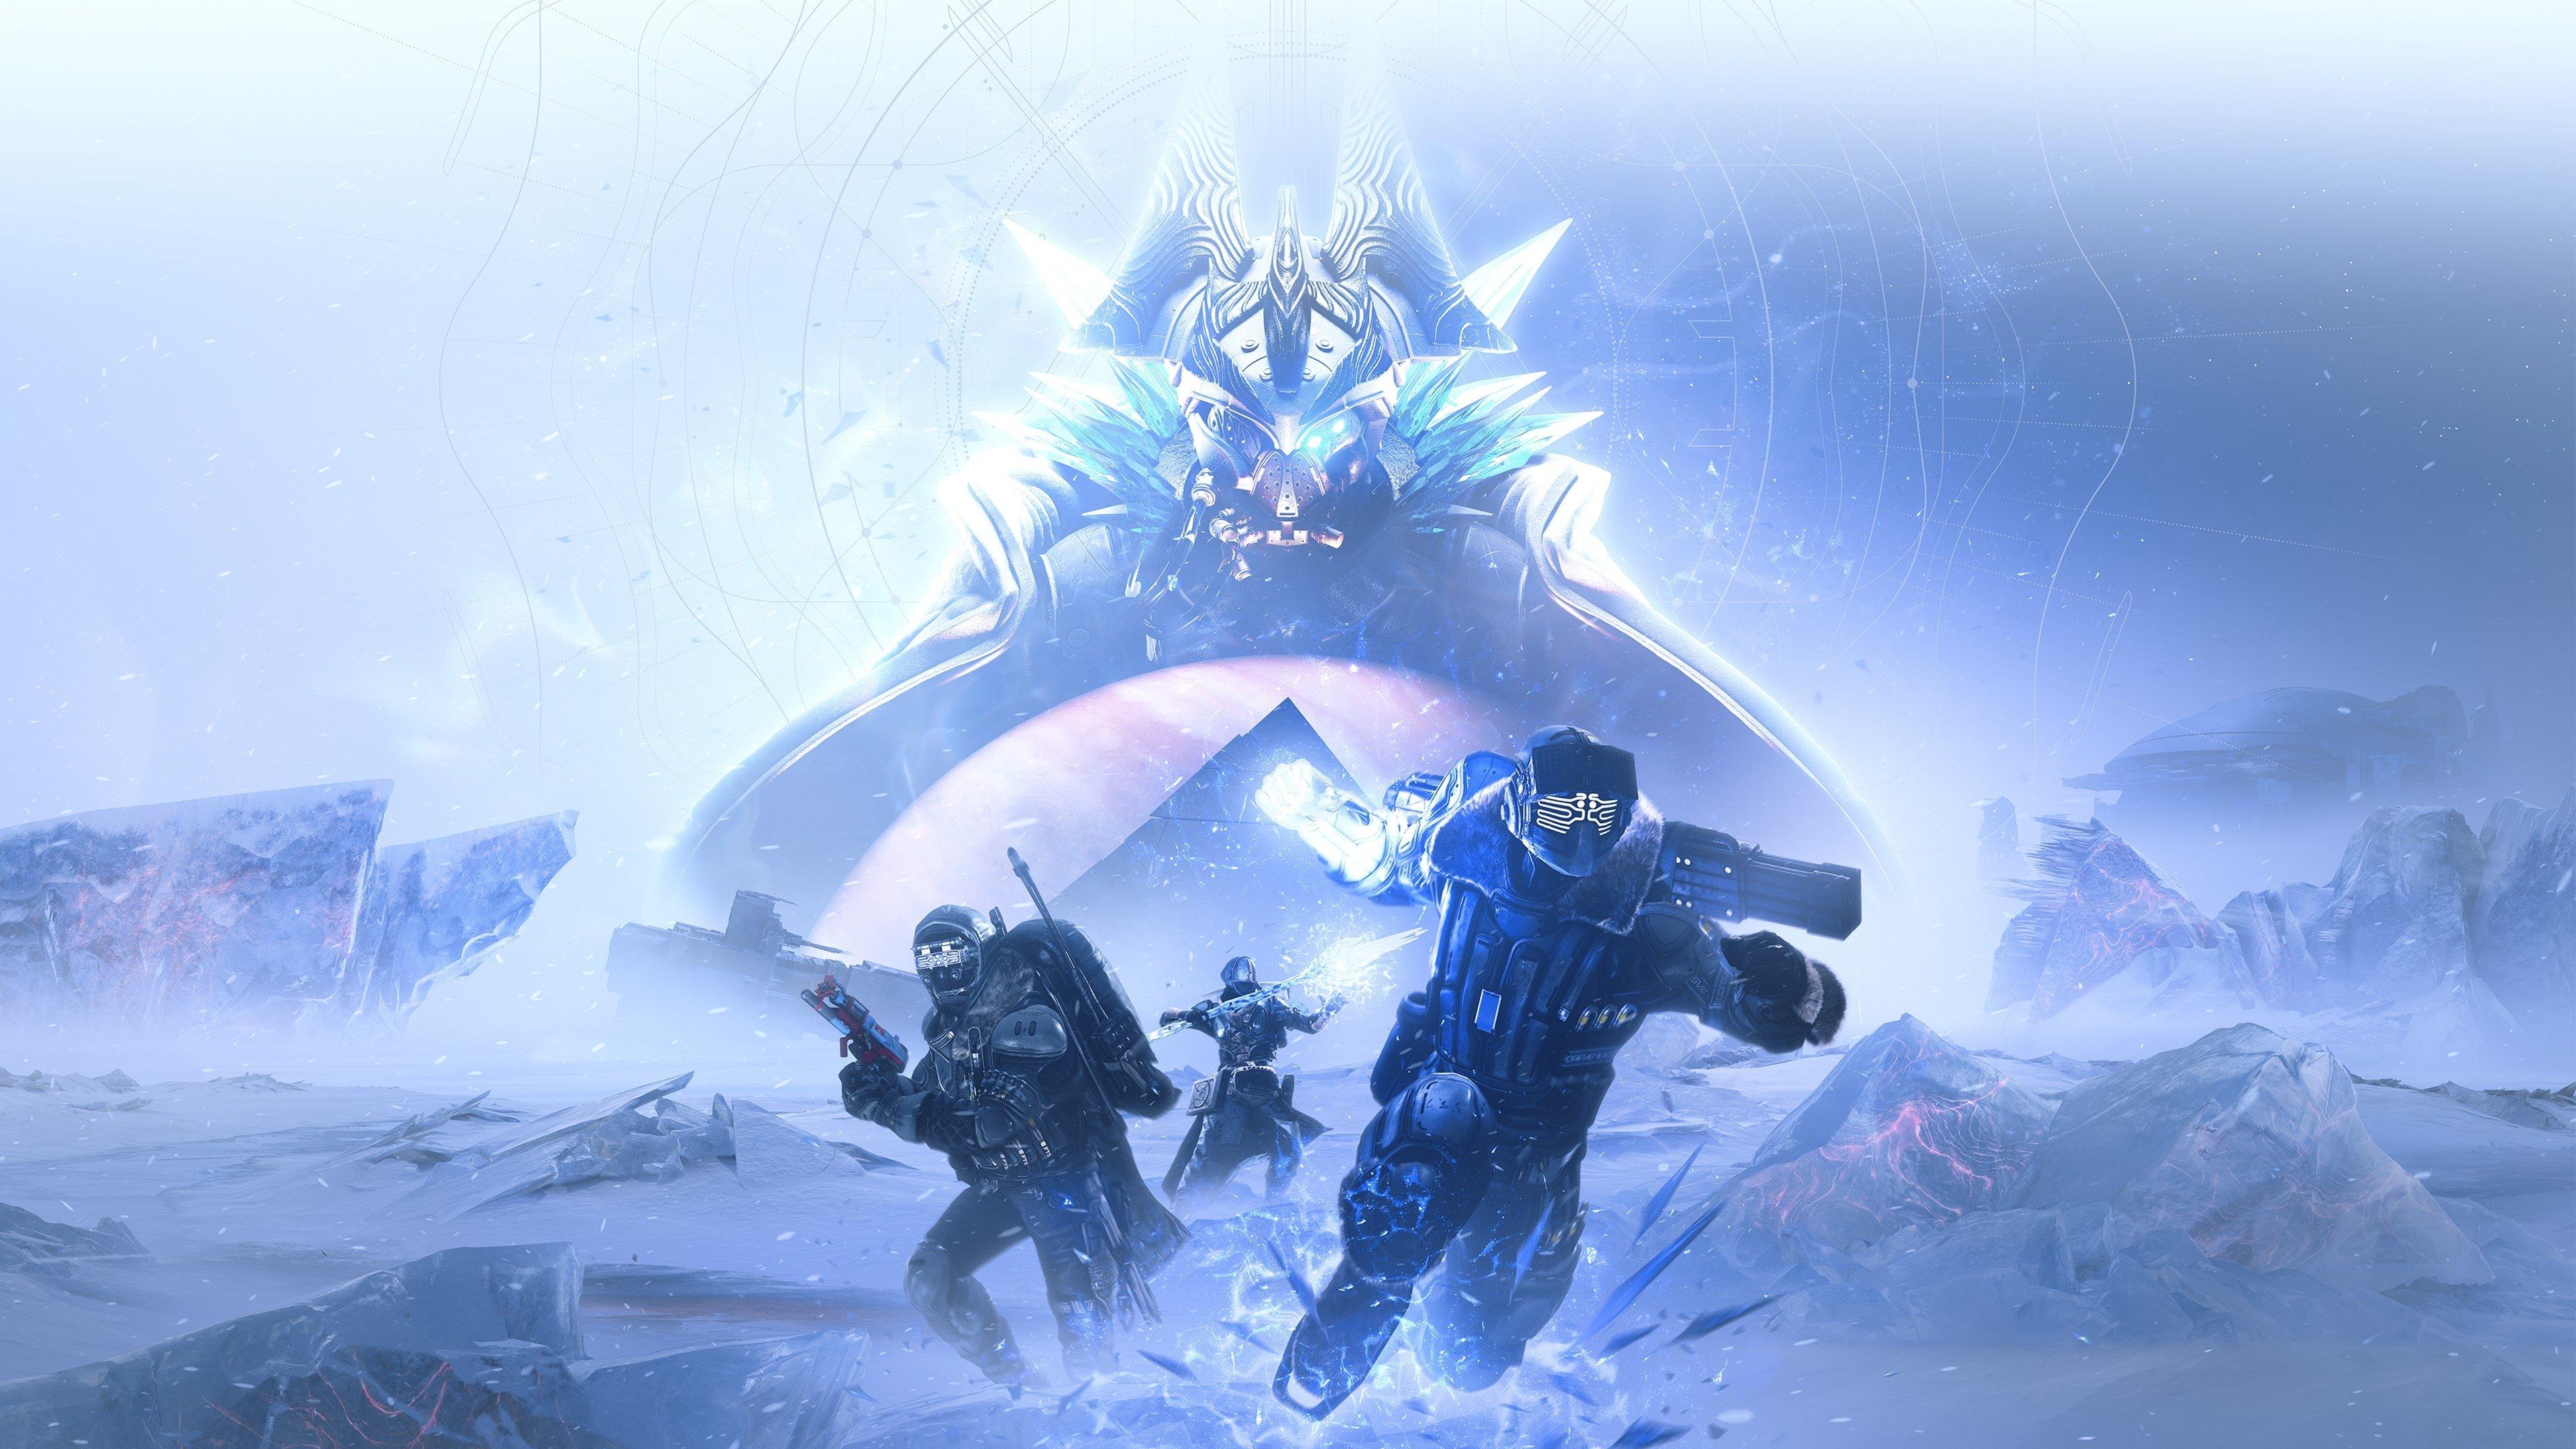 Wallpaper Destiny 2 Beyond Light 2020